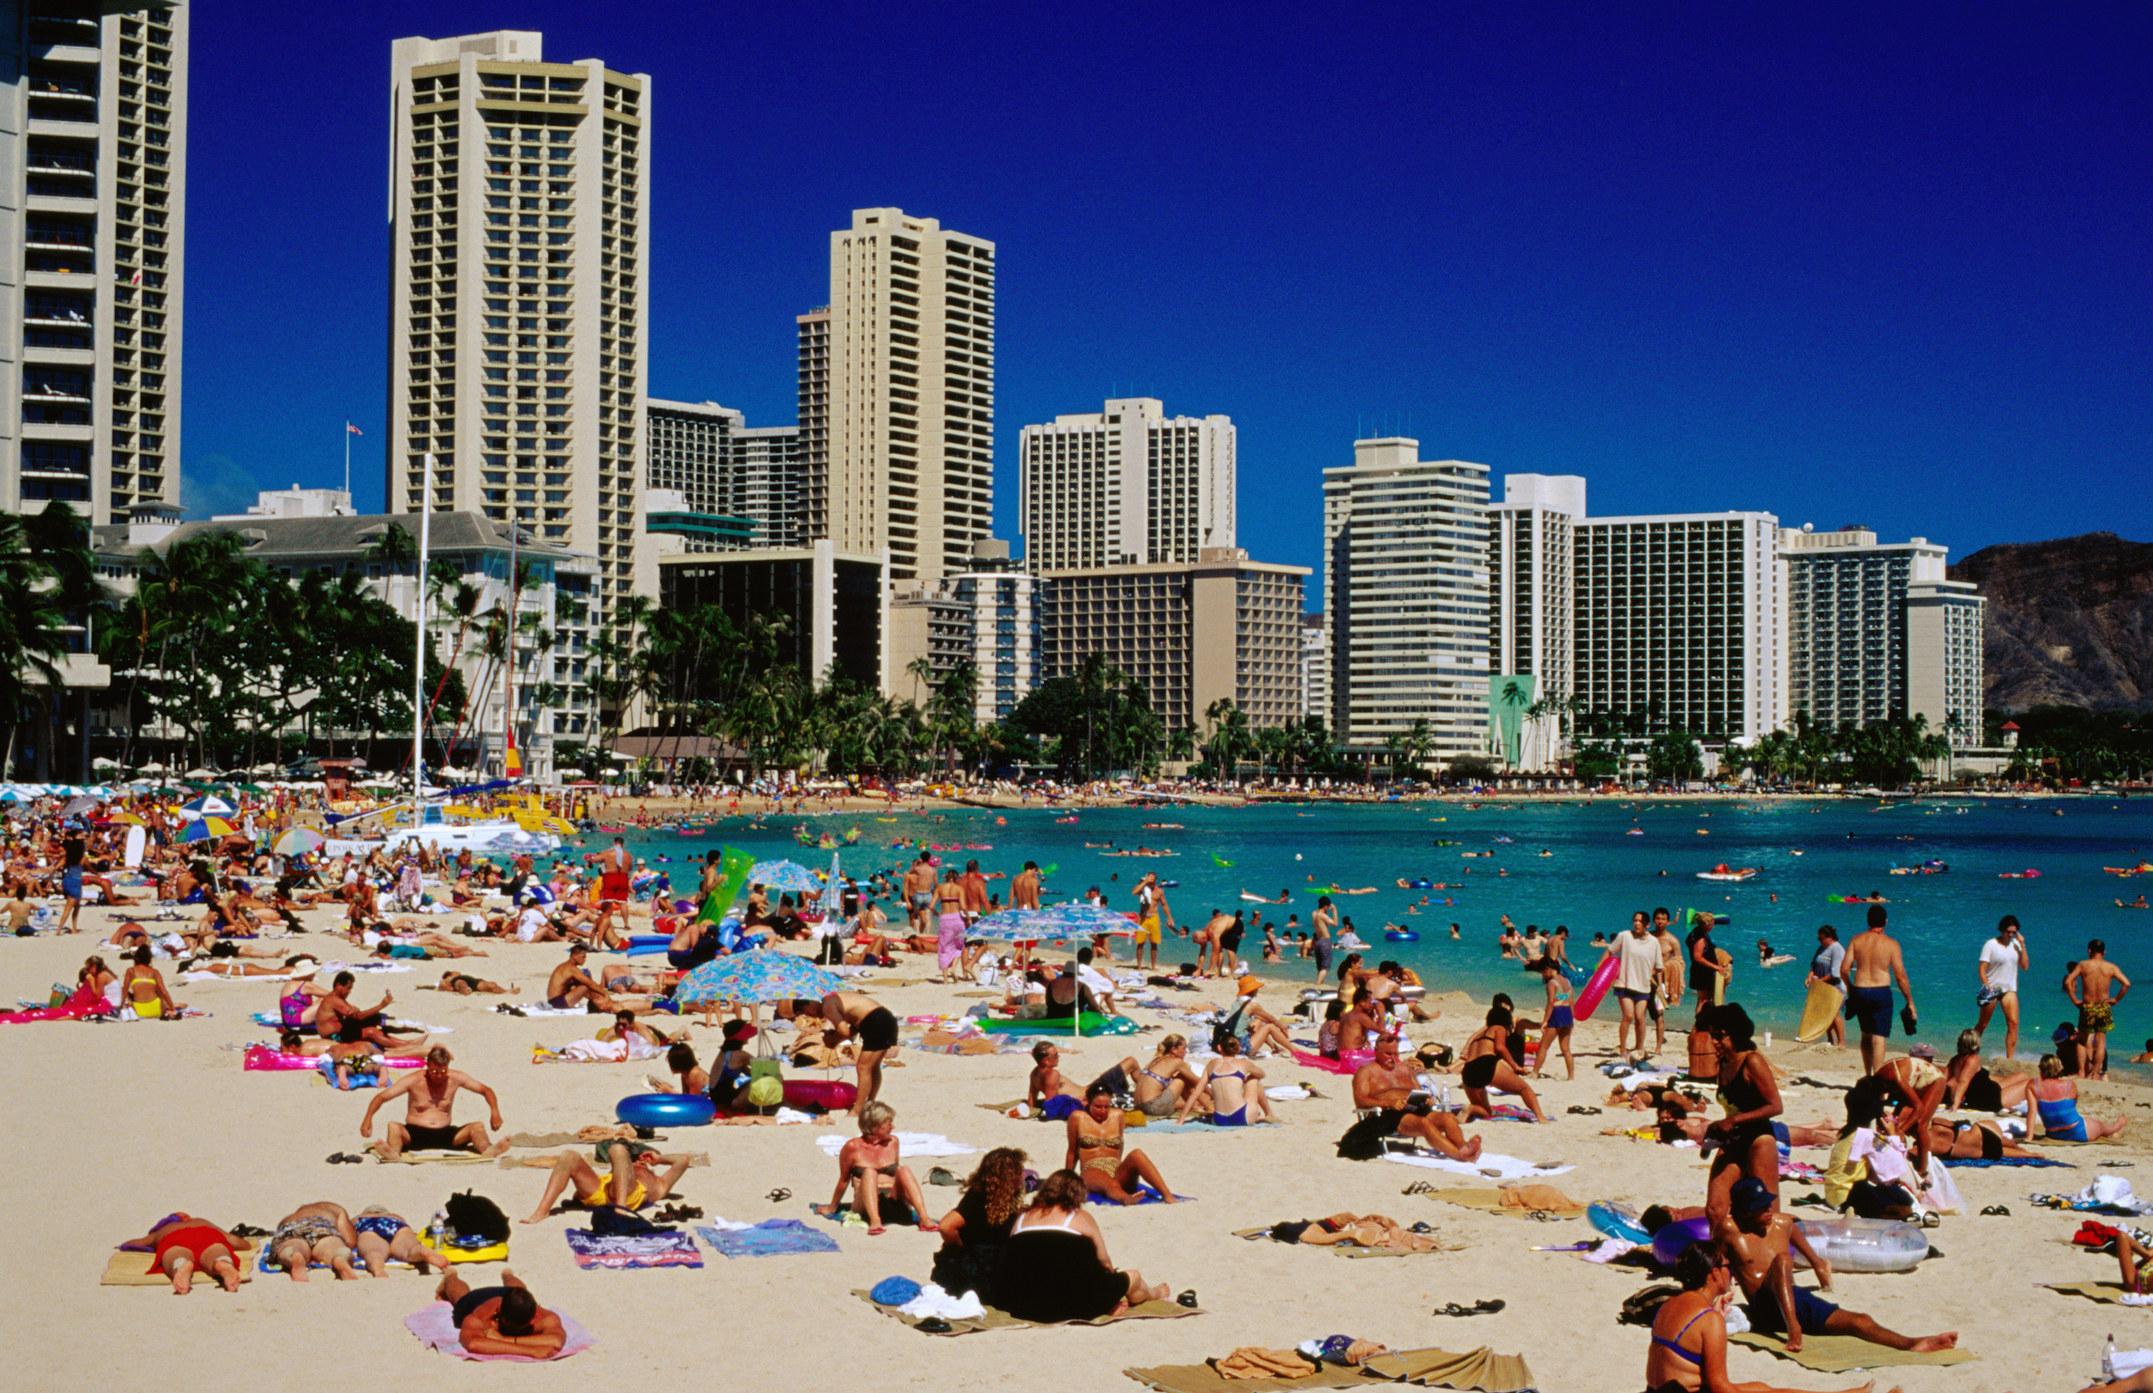 Crowded Waikiki Beach in Oahu